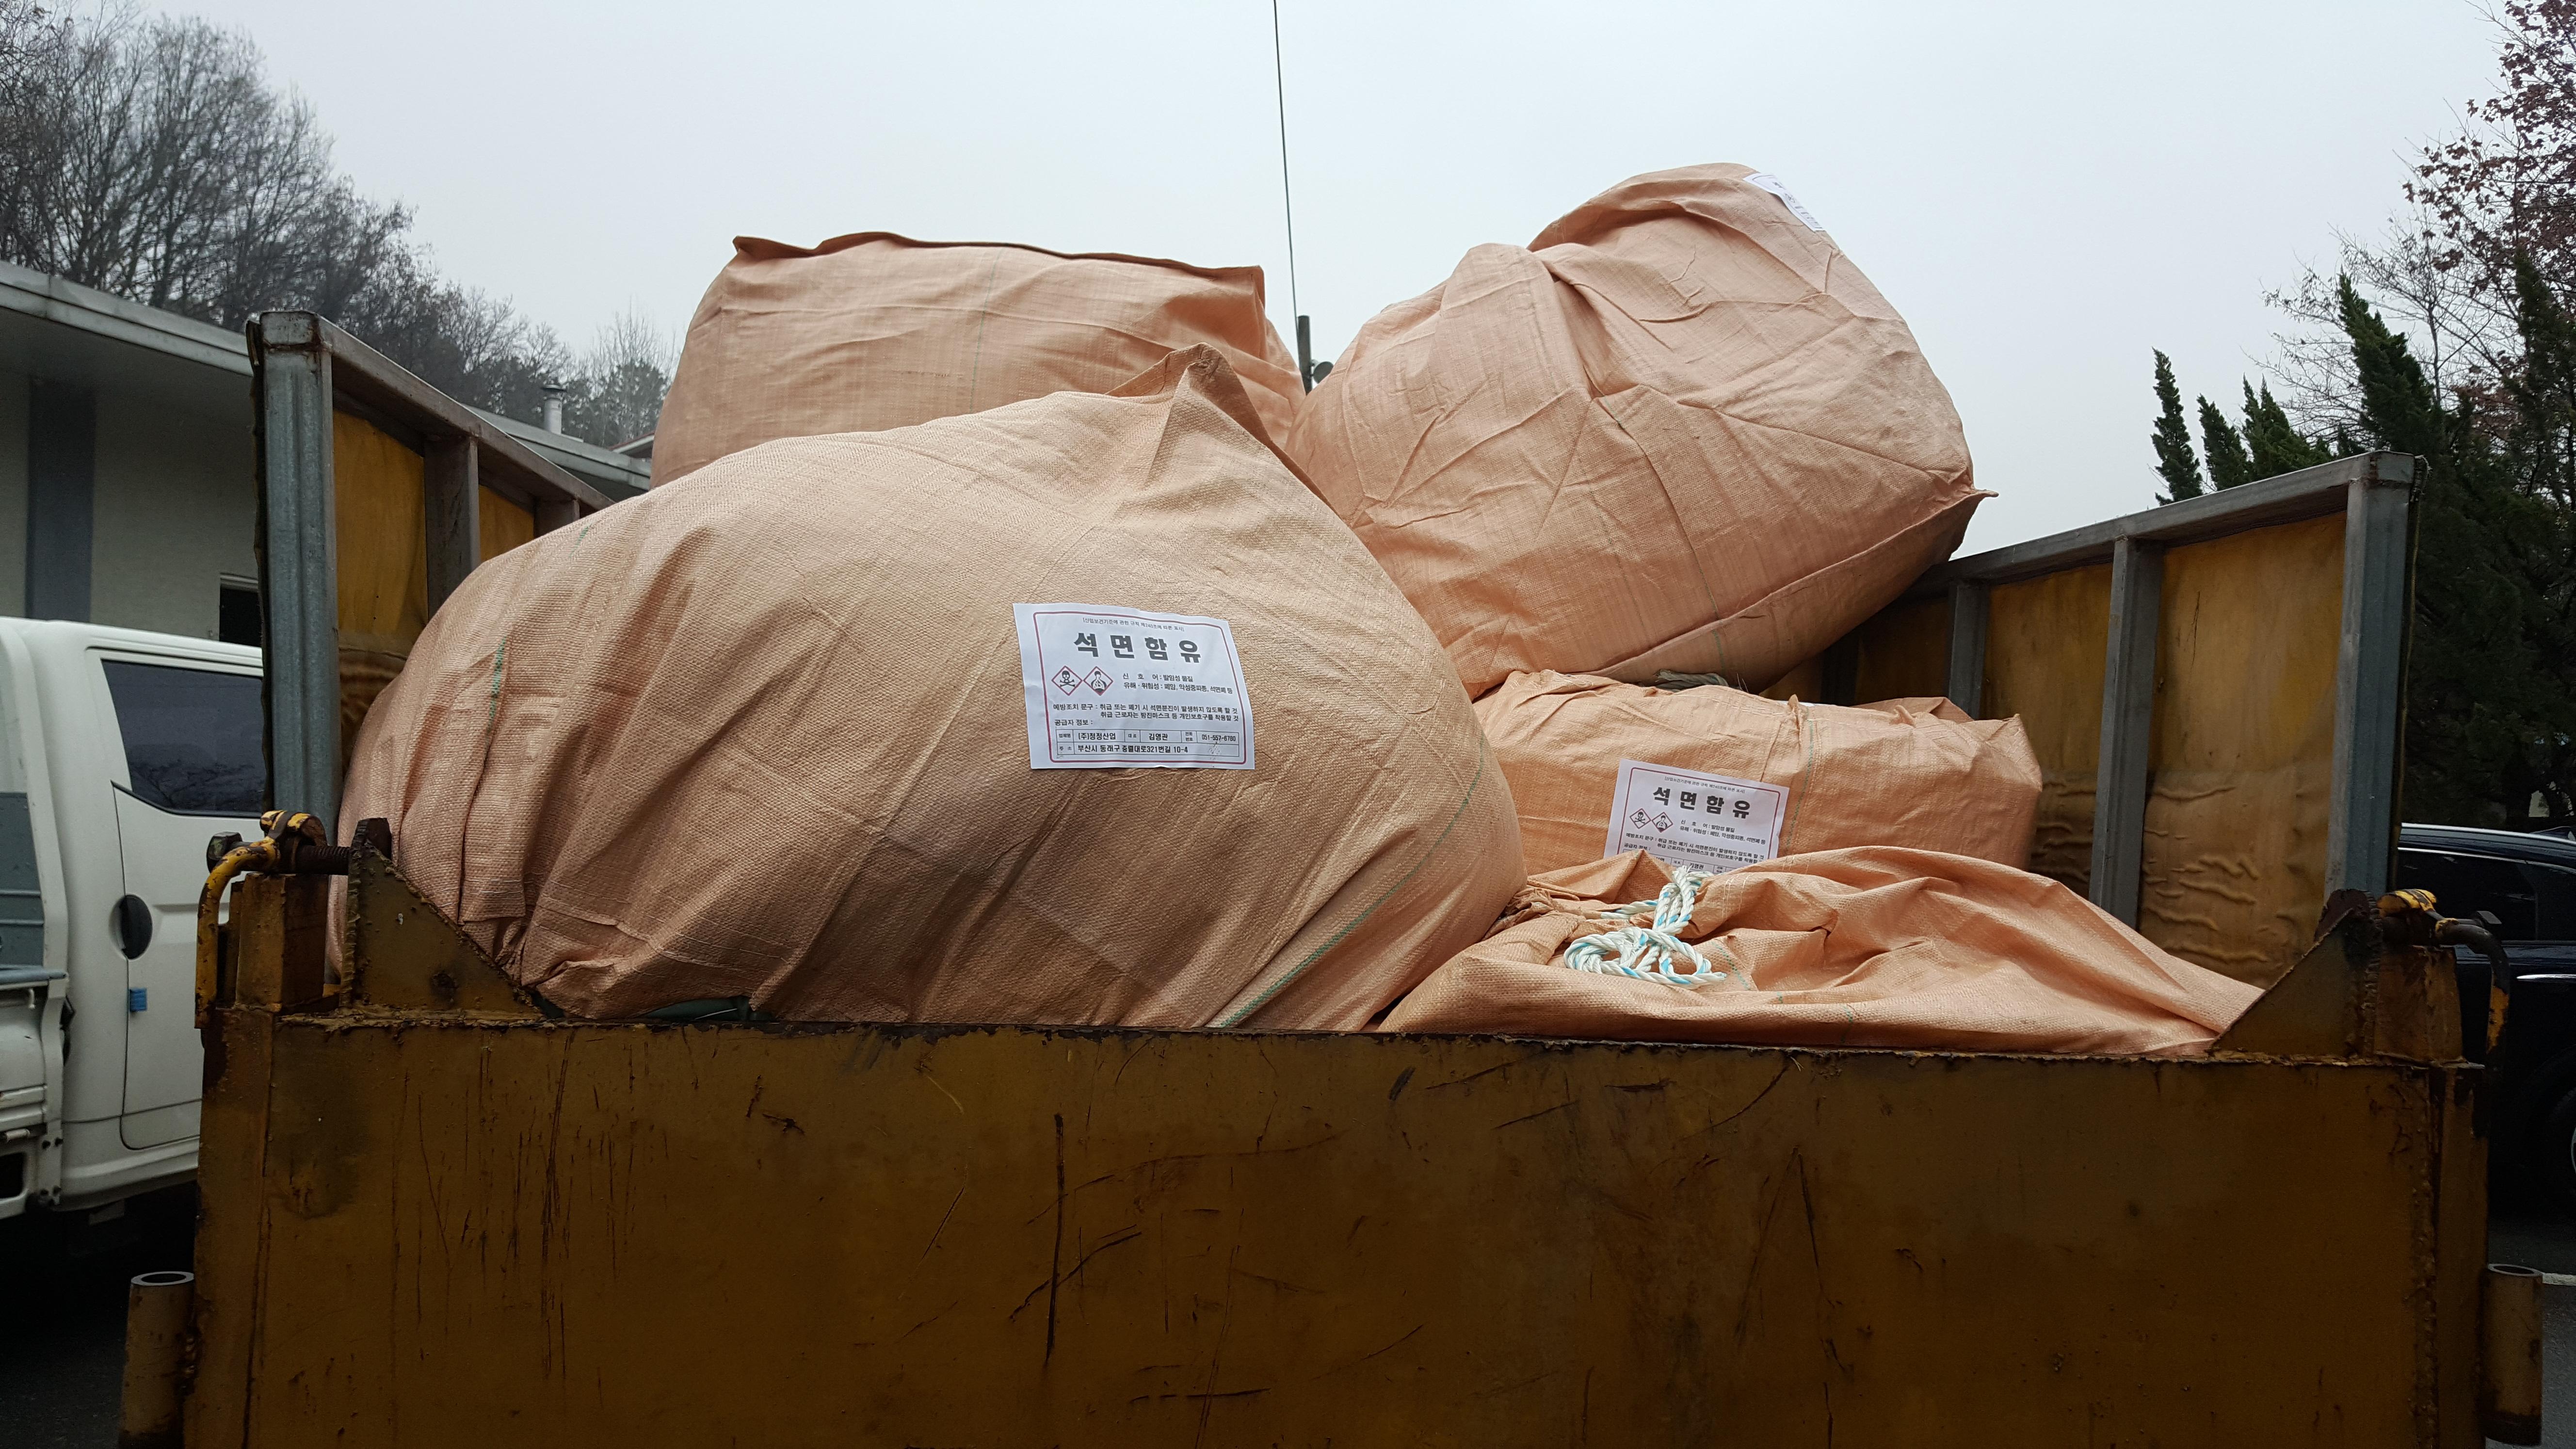 21 번째 사진  에  연면적257.1 ㎡ 경북 예천군 공군제16전투비행단 천정텍스 석면해체 제거 현장